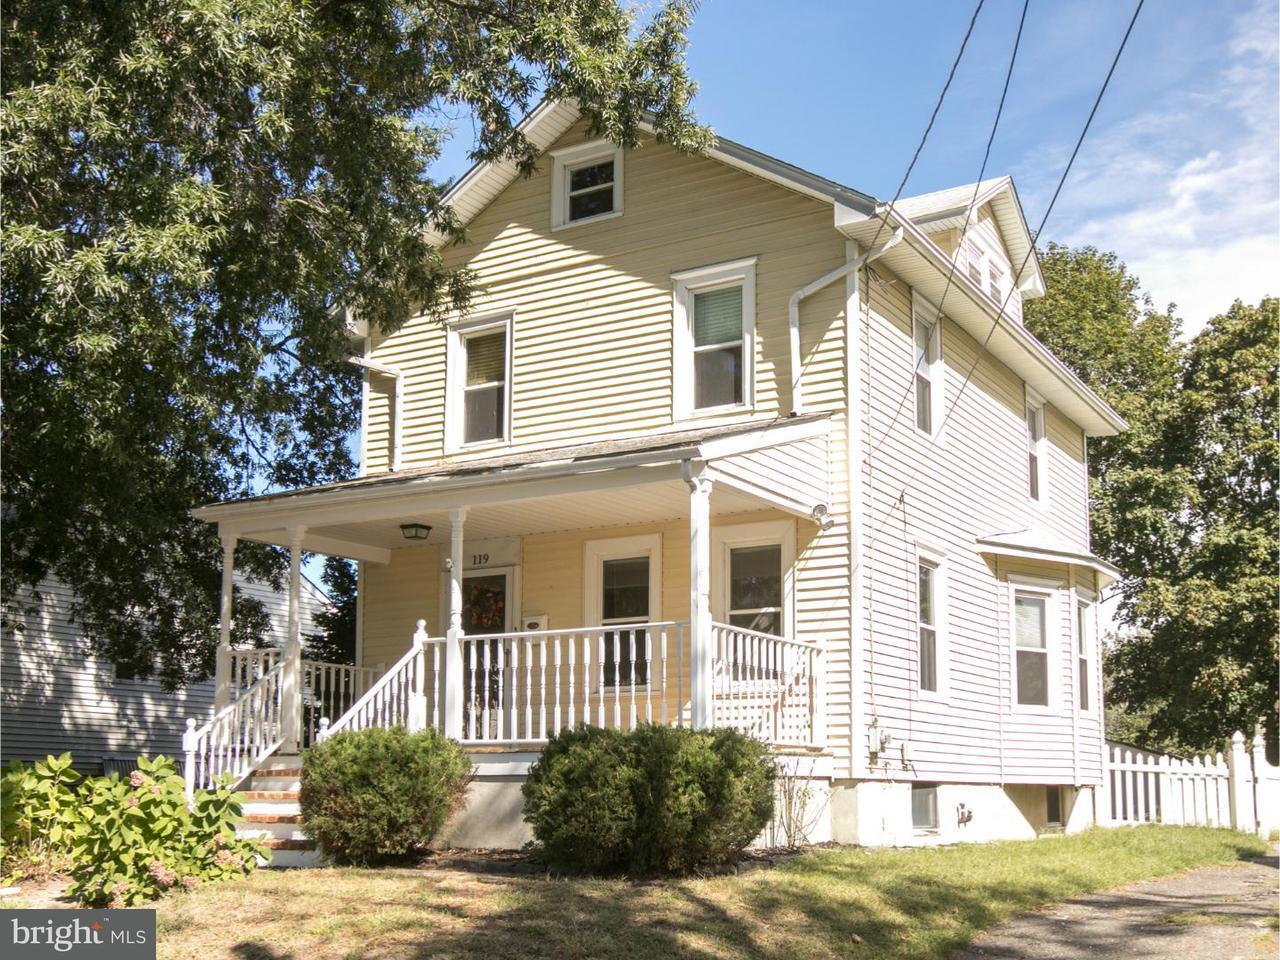 Частный односемейный дом для того Аренда на 119 MELROSE Avenue Haddon Township, Нью-Джерси 08108 Соединенные Штаты